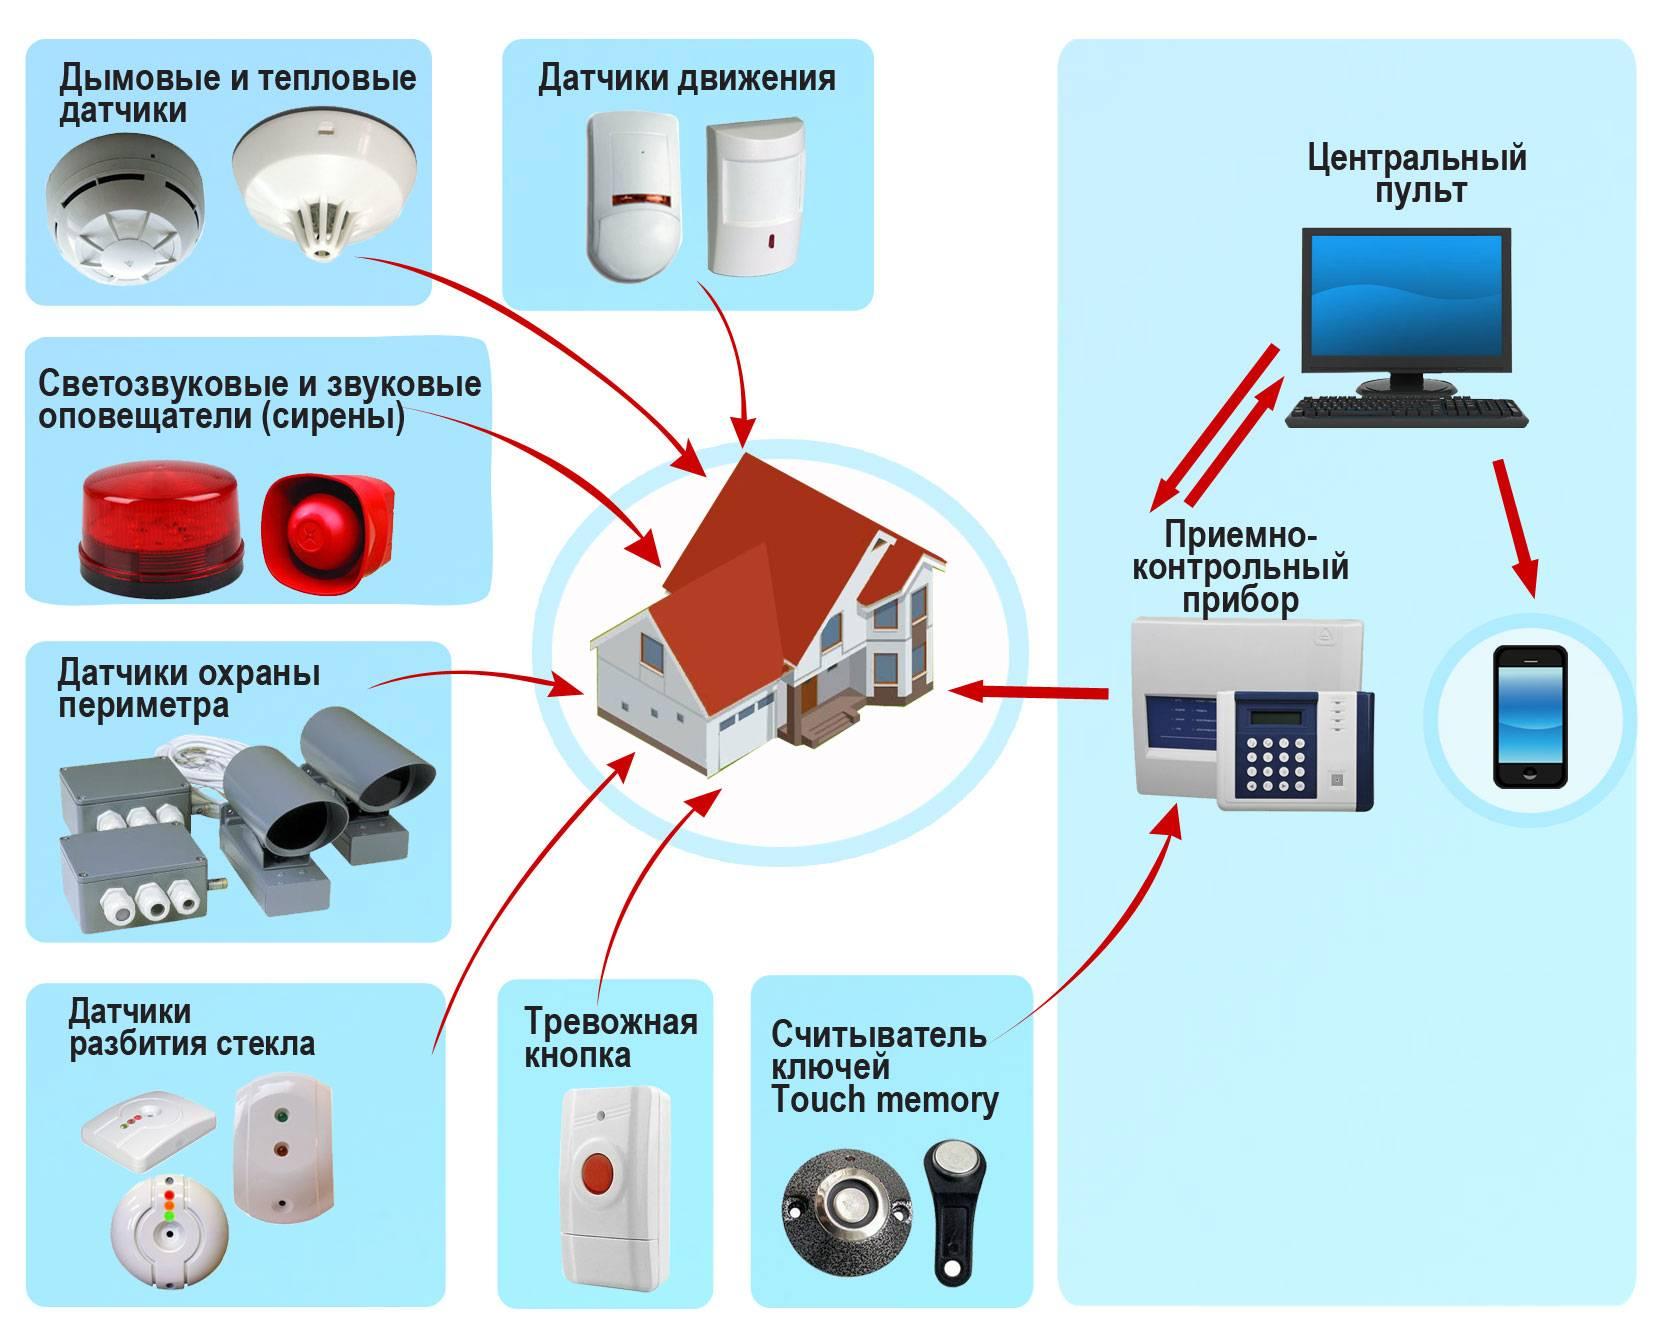 Монтаж пожарной сигнализации, установка, подключение и наладка автоматической системы охранно-пожарной сигнализации в москве - альянс «комплексная безопасность»